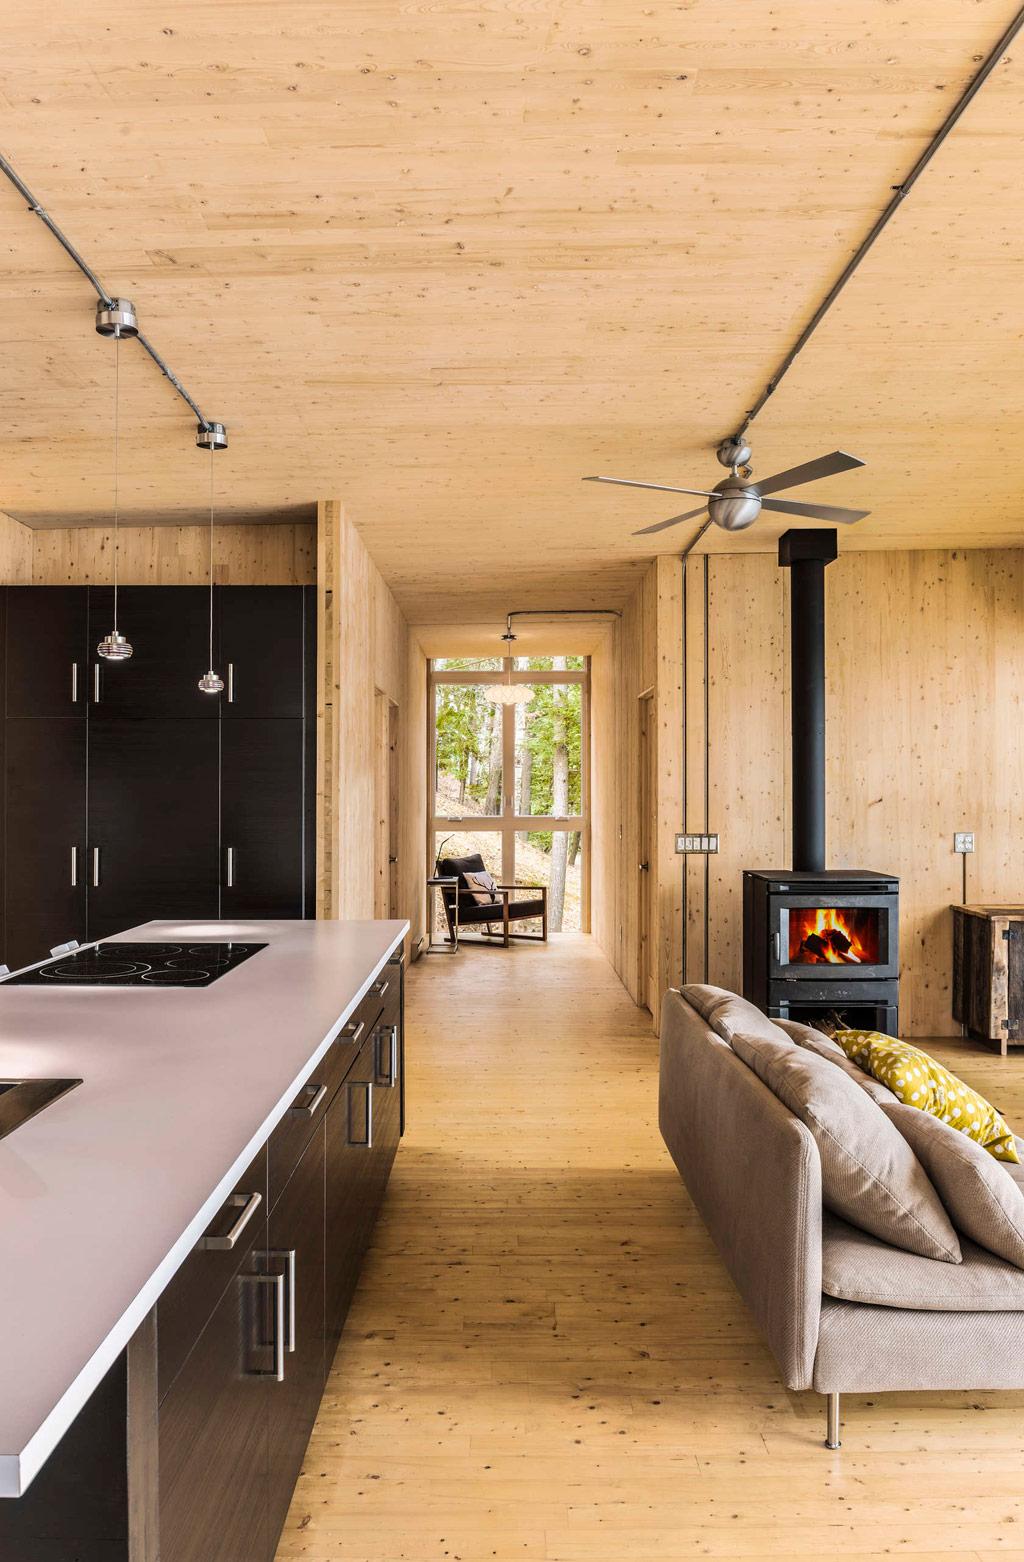 timber-cottage-kariouk-associates-5